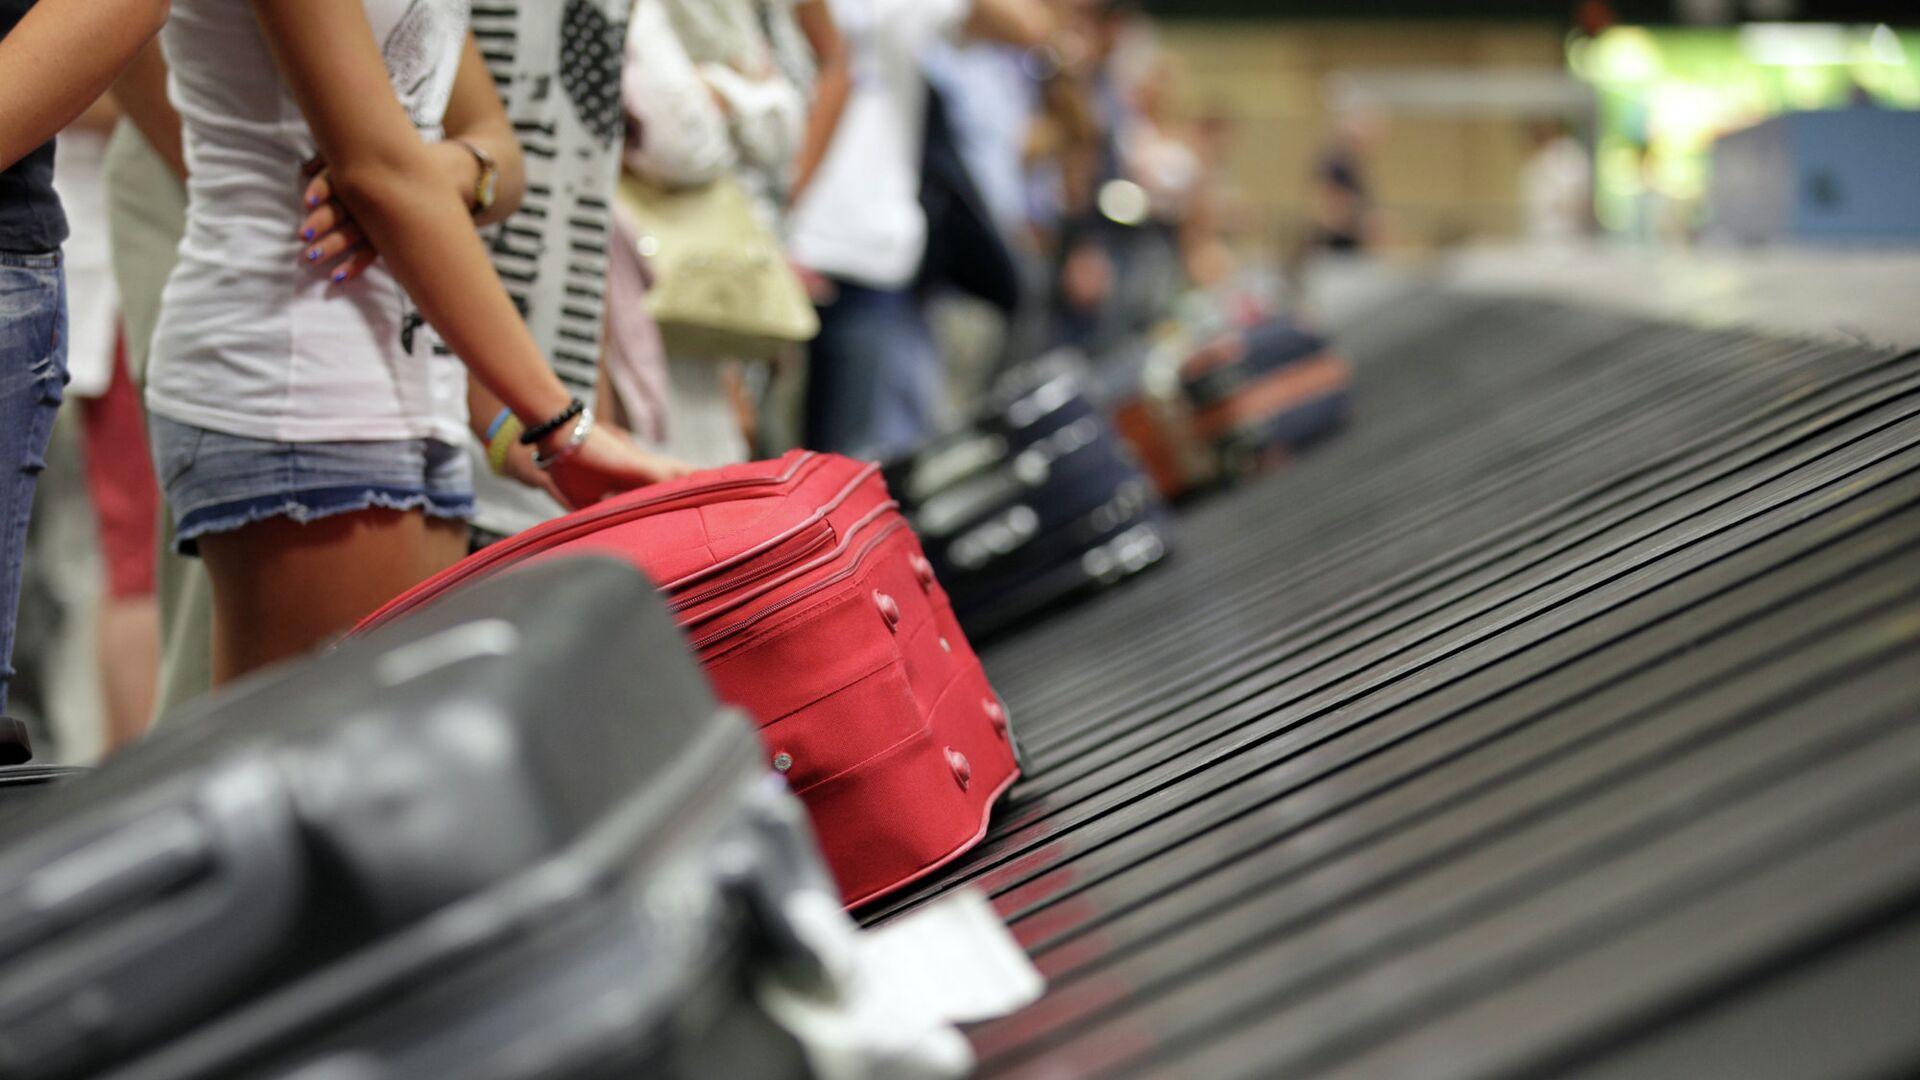 Туристы с чемоданами в аэропорту - РИА Новости, 1920, 07.06.2021